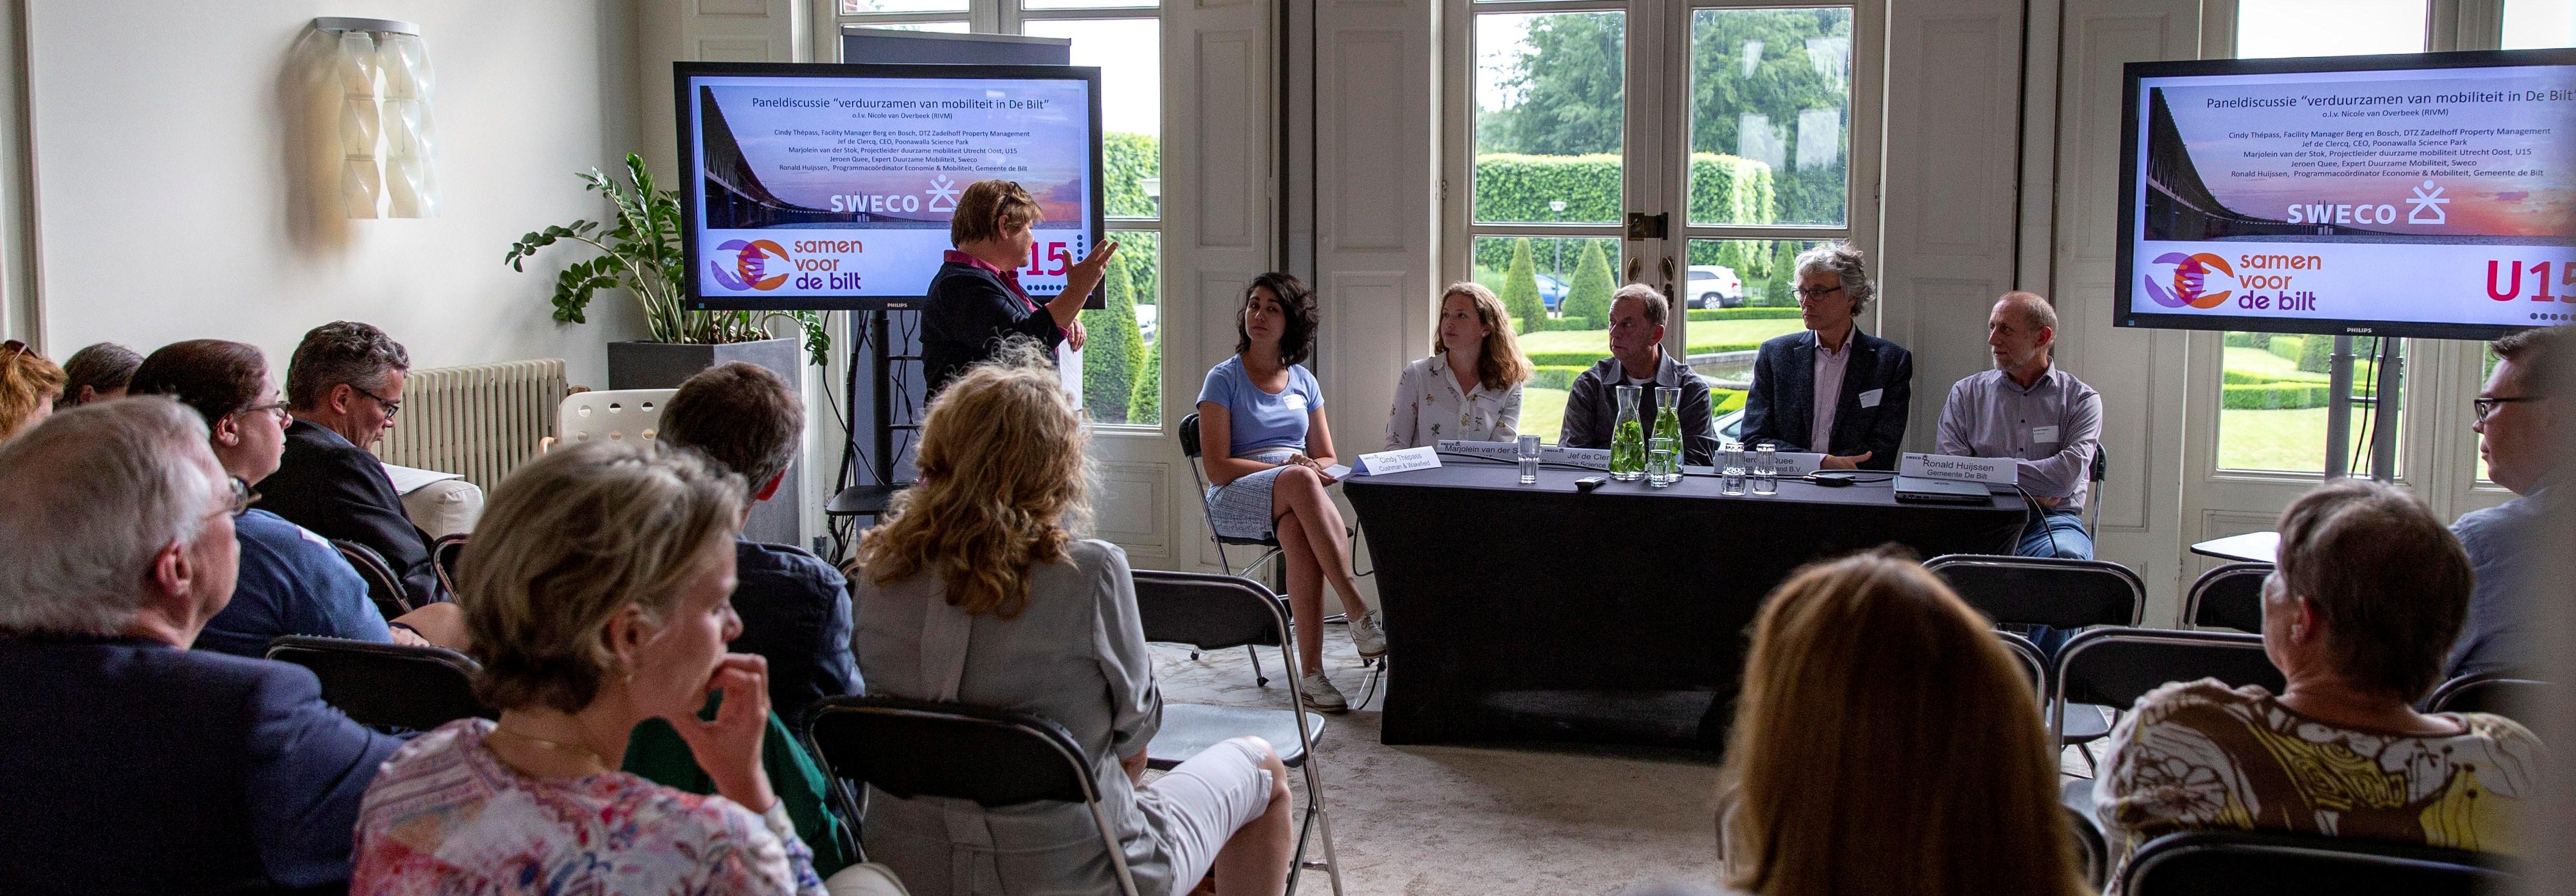 Bijeenkomst 24 mei 2018 - Biltse organisaties gaan voor Duurzame Mobiliteit